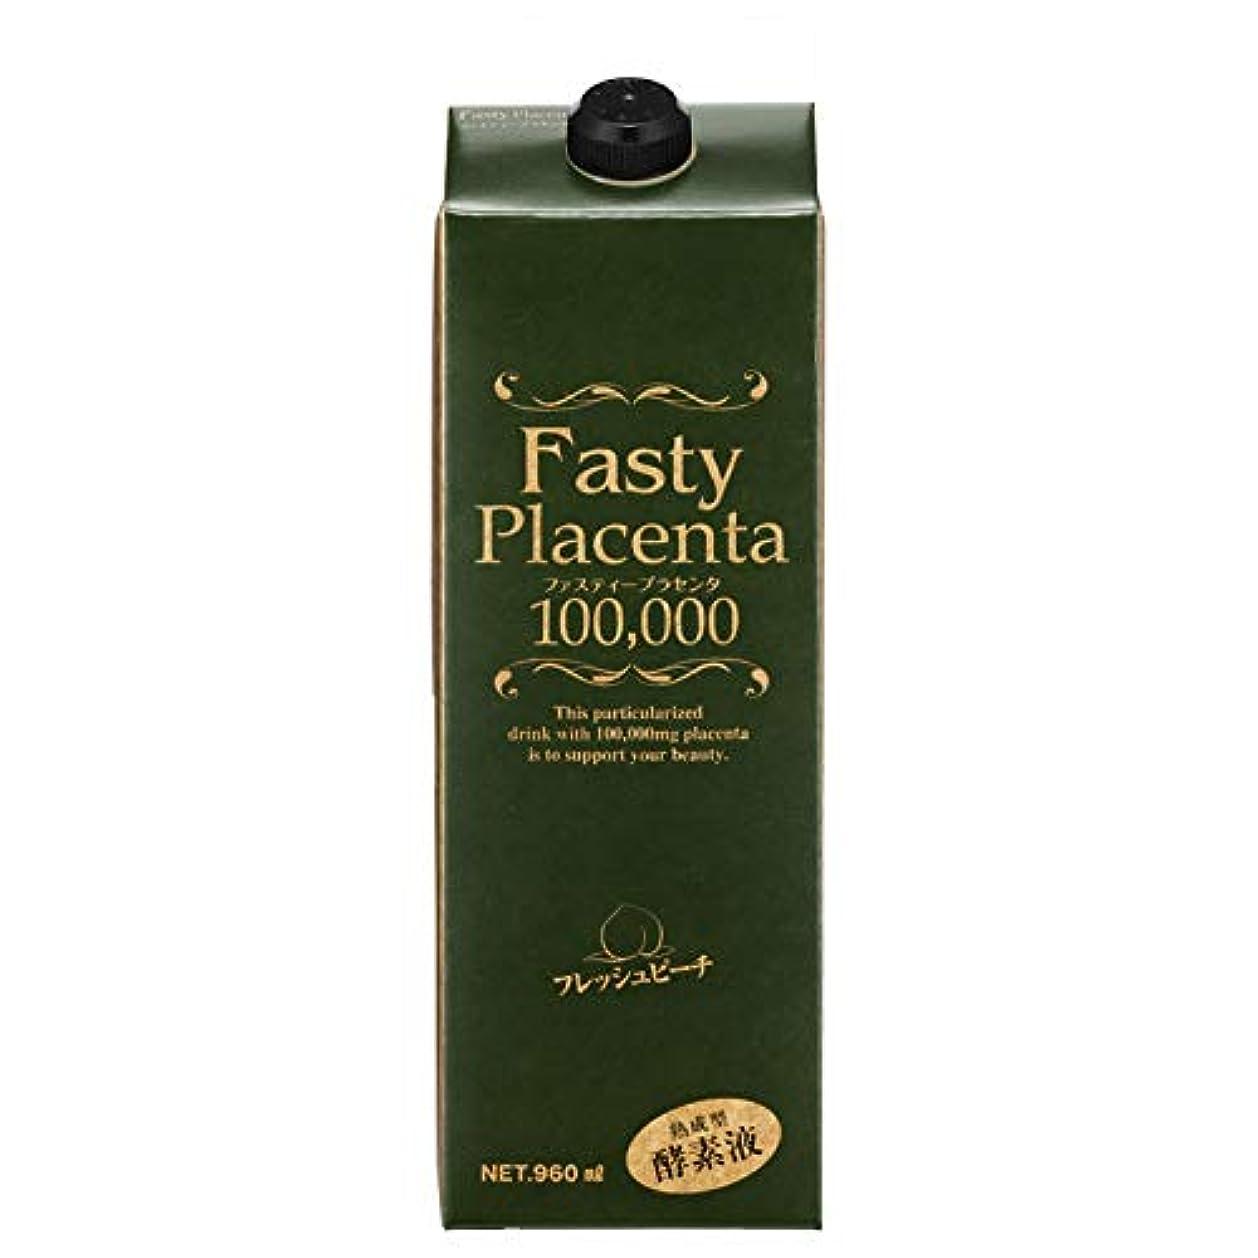 開梱飢饉汚染されたファスティープラセンタ100,000 増量パック(フレッシュピーチ味)1個